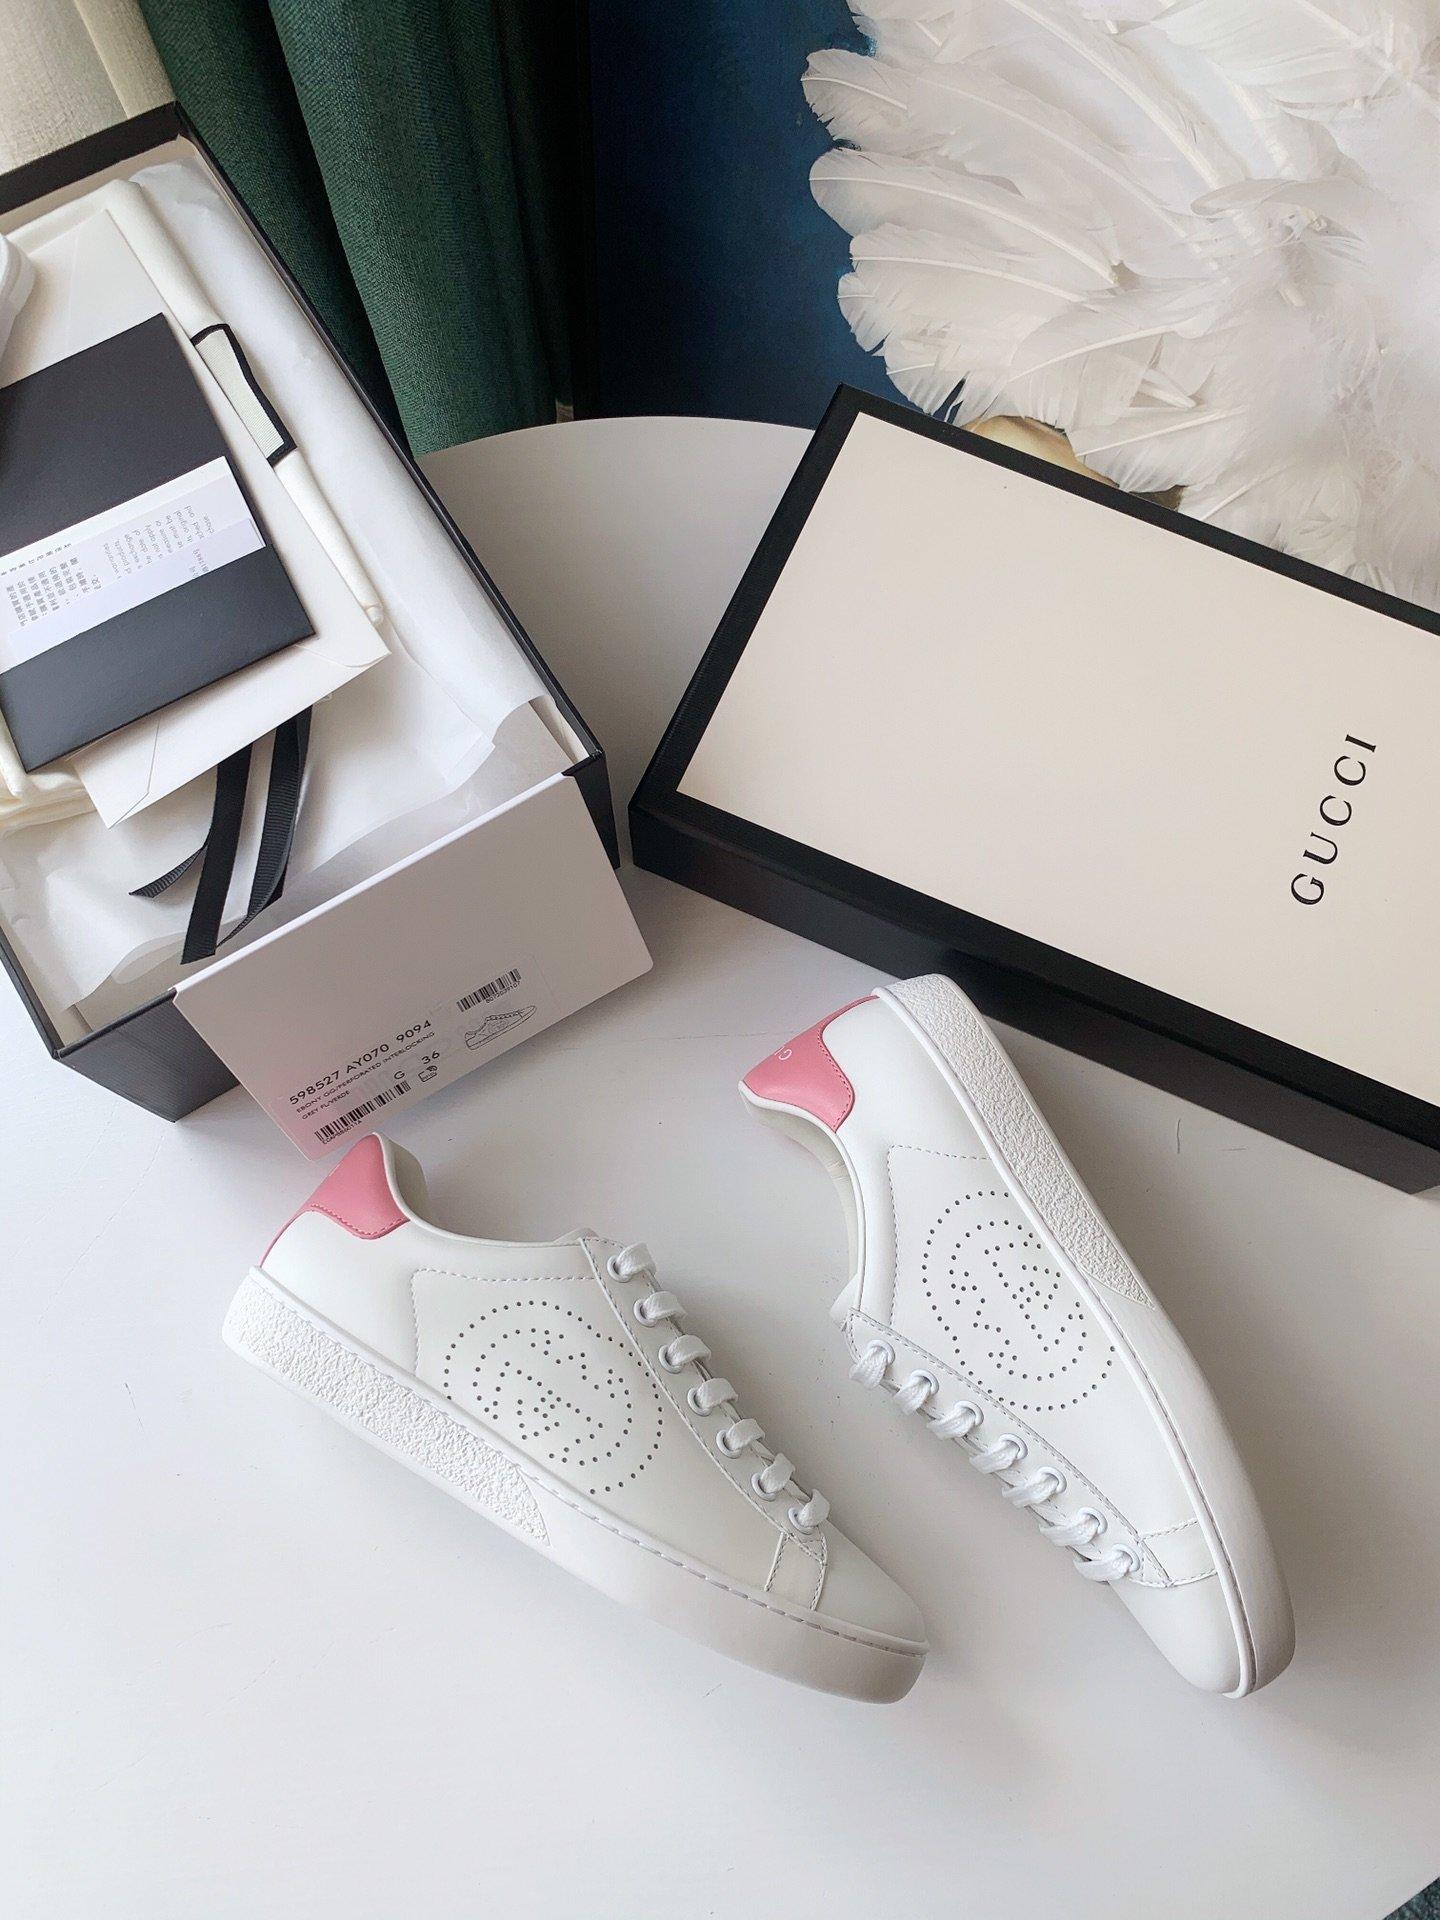 Gucci Ace小白鞋经典Ace运动鞋(图5)